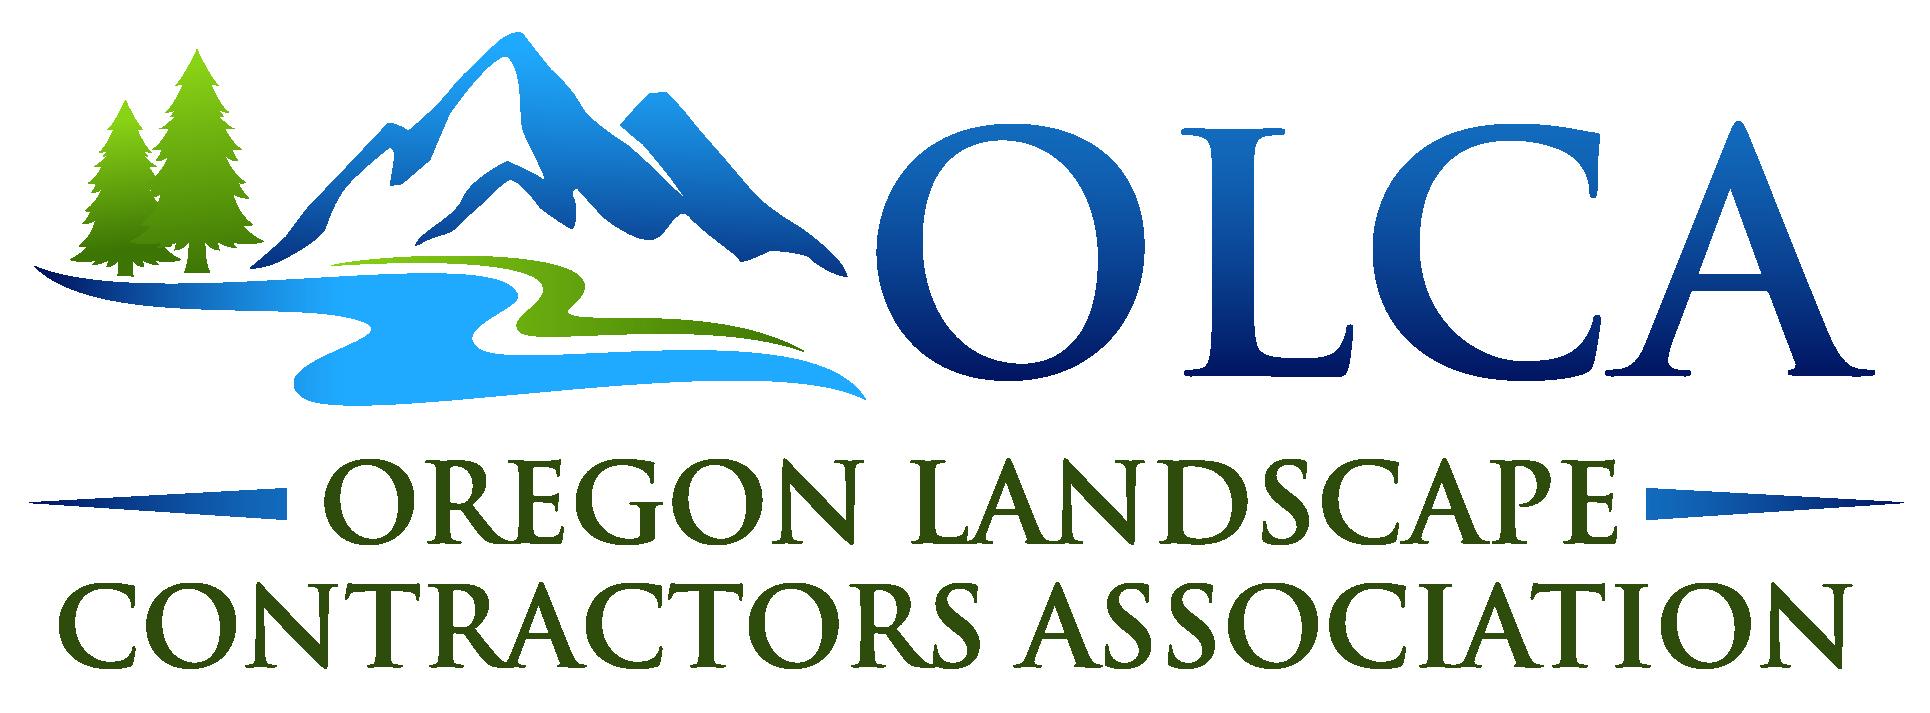 L&H SEEDS IS A PROUD MEMBER OF THE OREGON LANDSCAPE CONTRACTORS ASSOCIATION